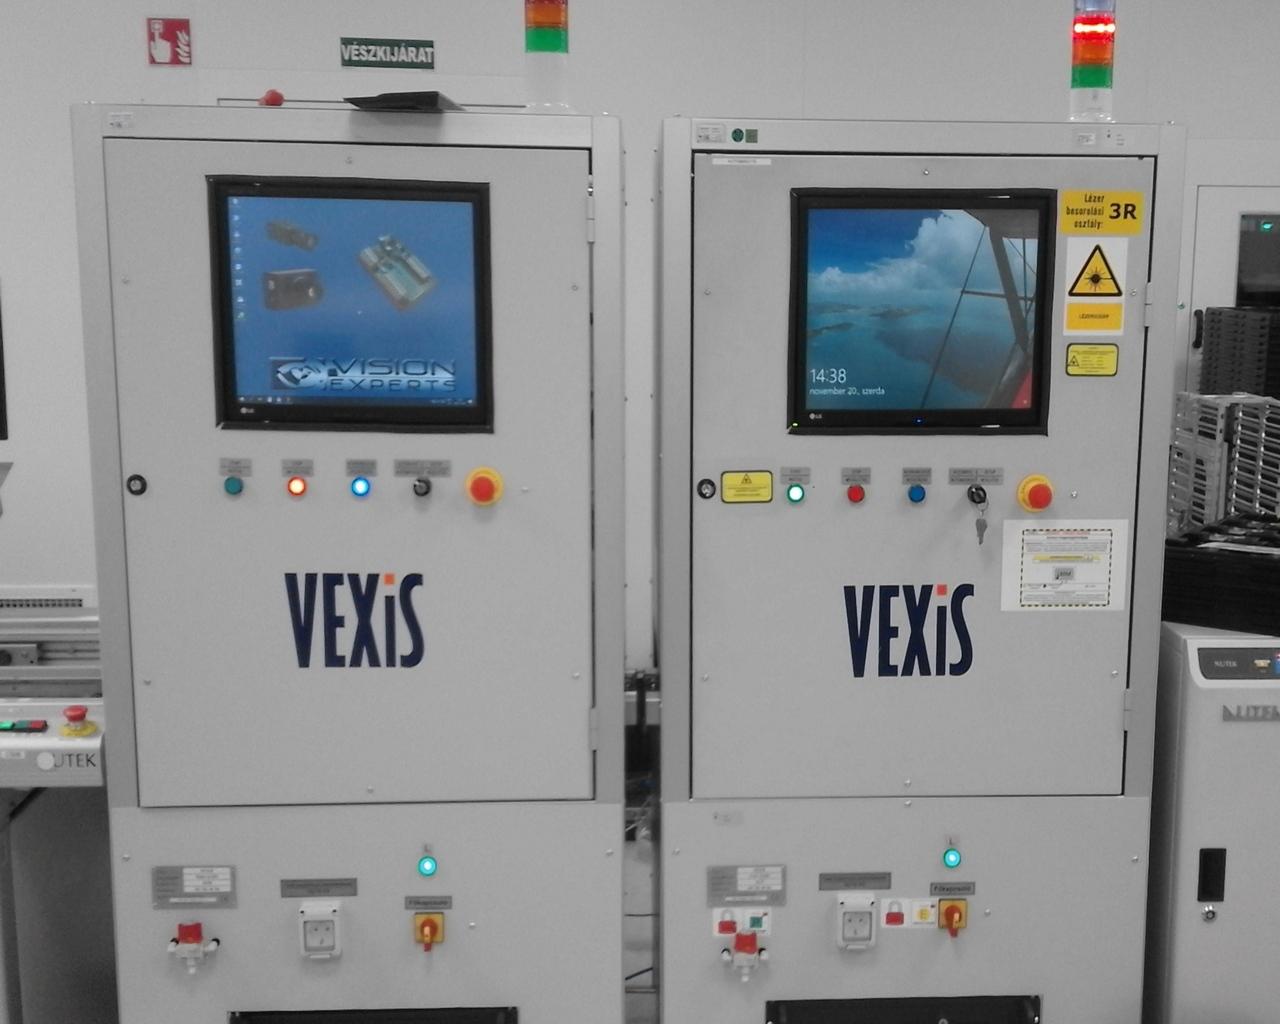 vexis00219